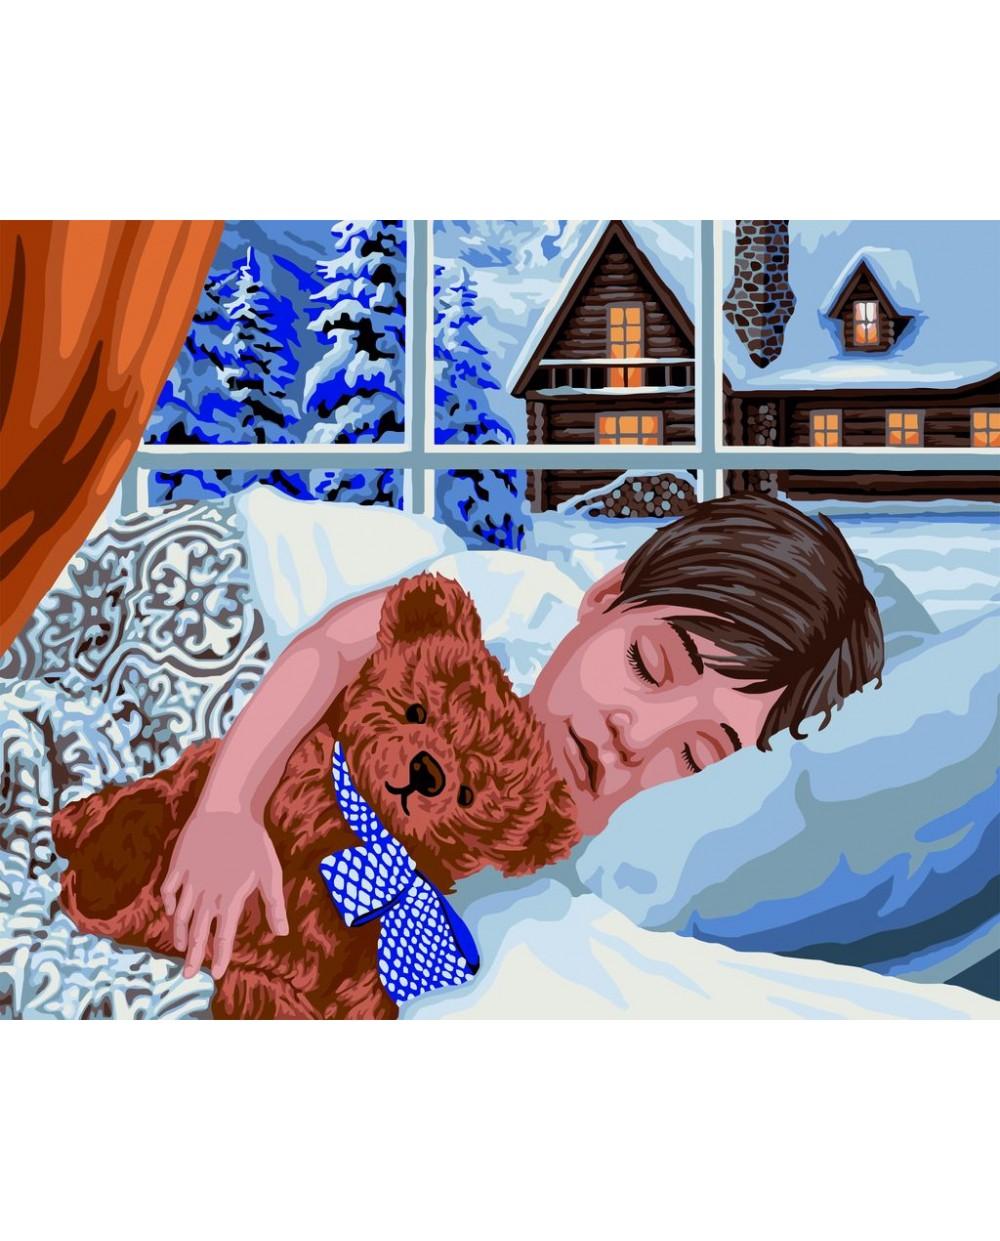 Рисование по номерам 40Х50 Зимний сон